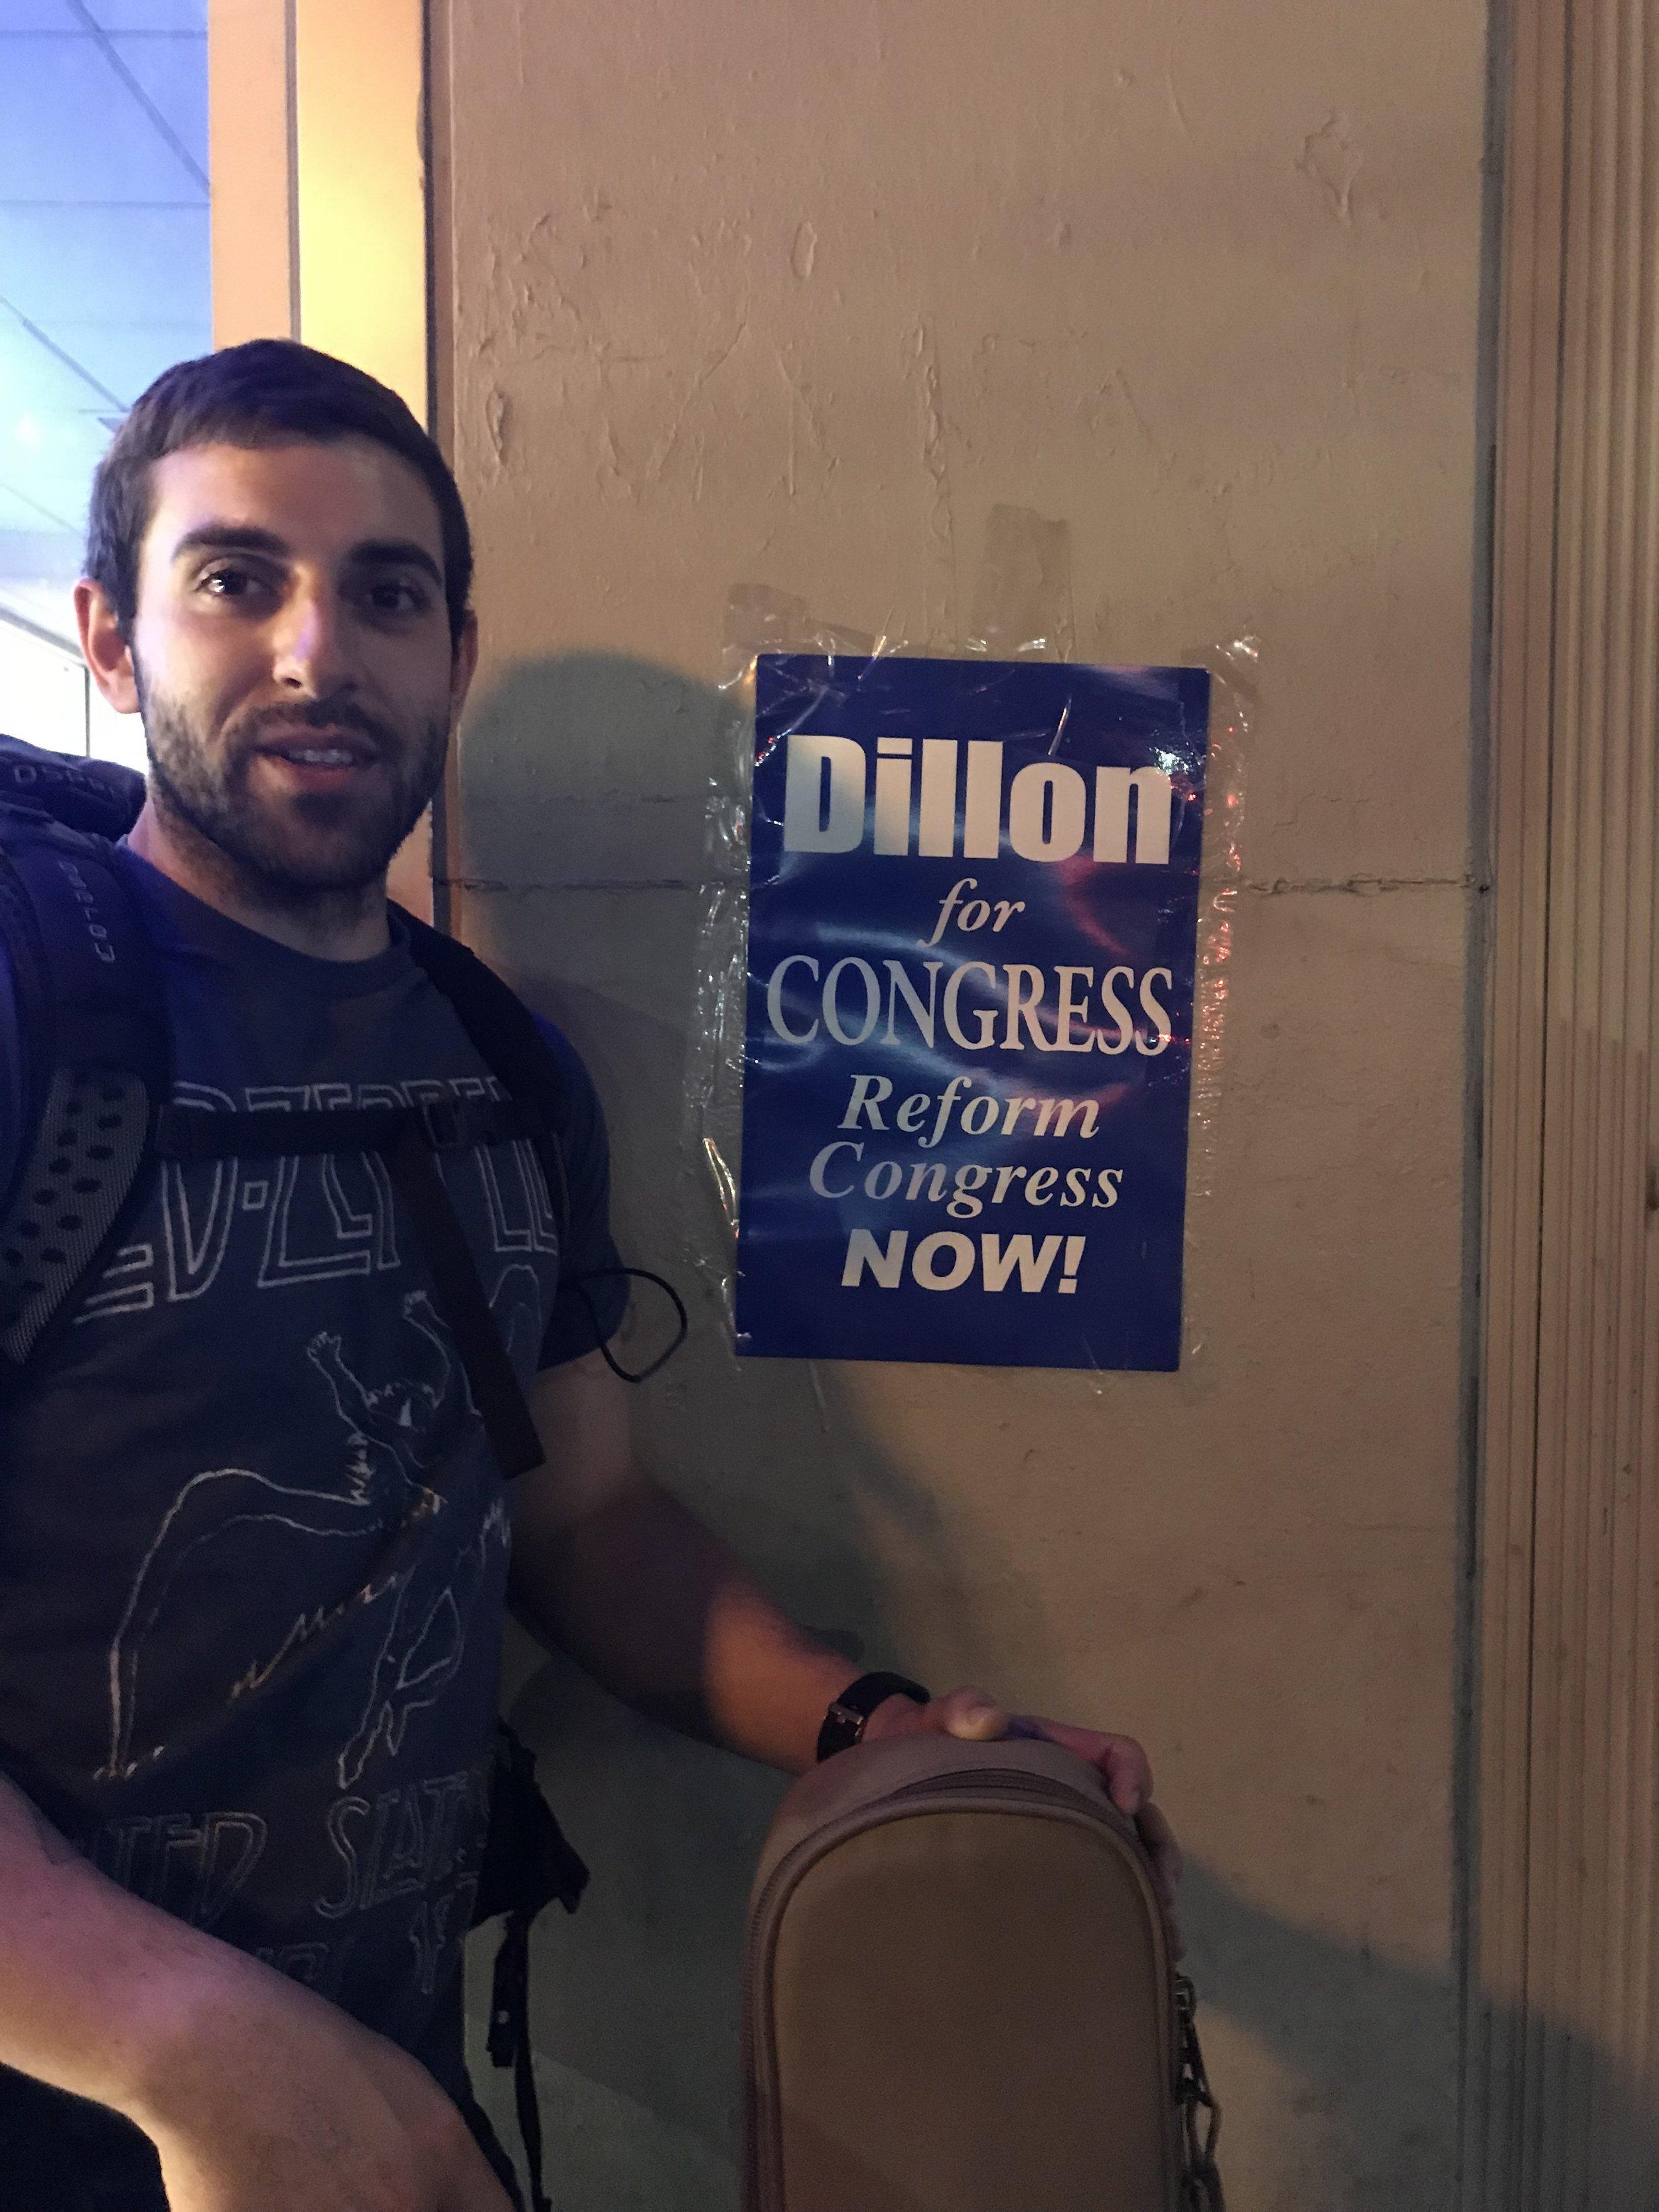 Dillon For Congress